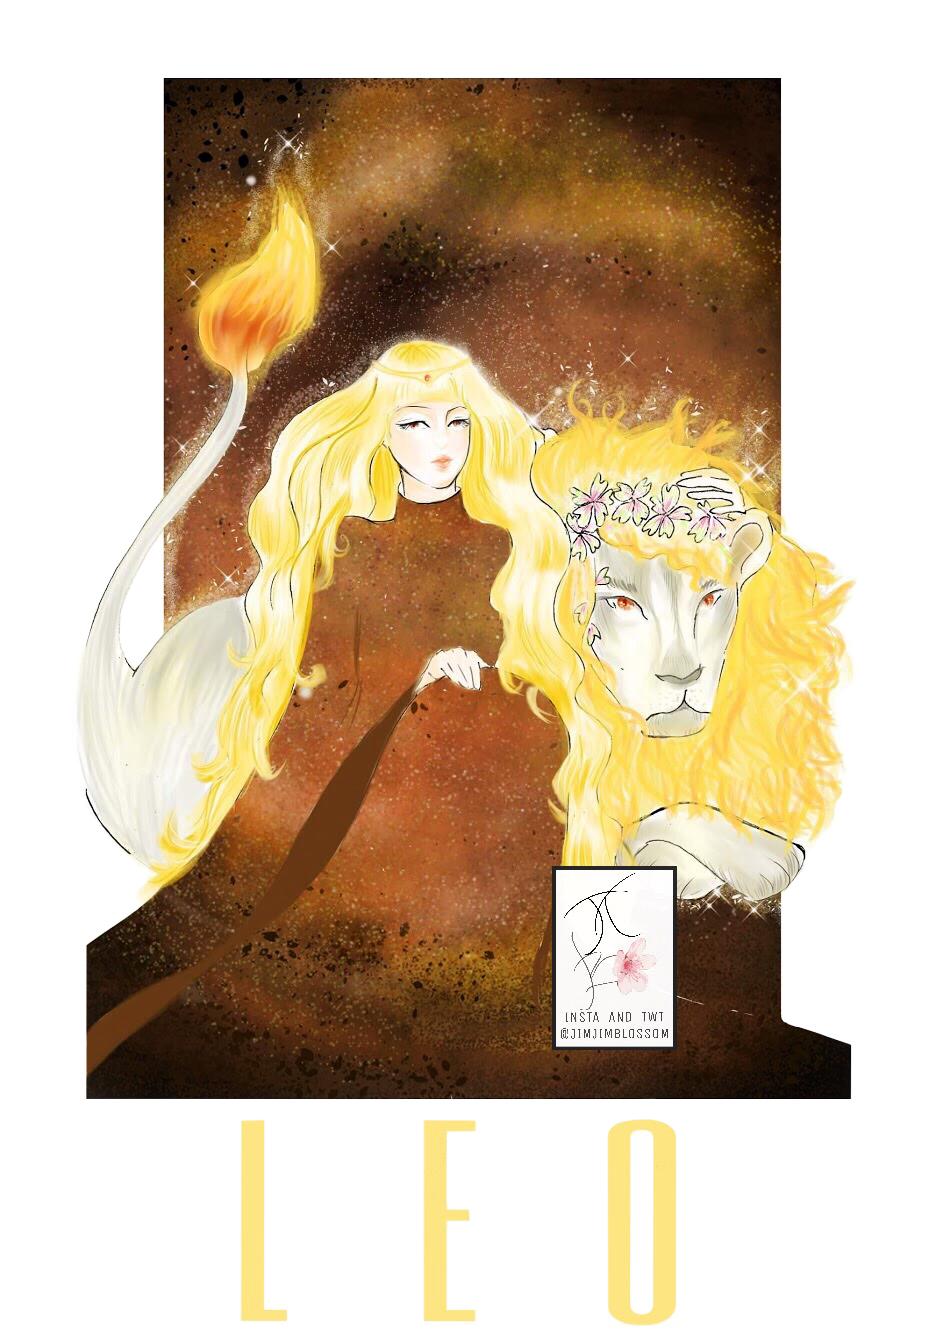 cô gái tóc vàng ngồi bên cạnh con sư tử